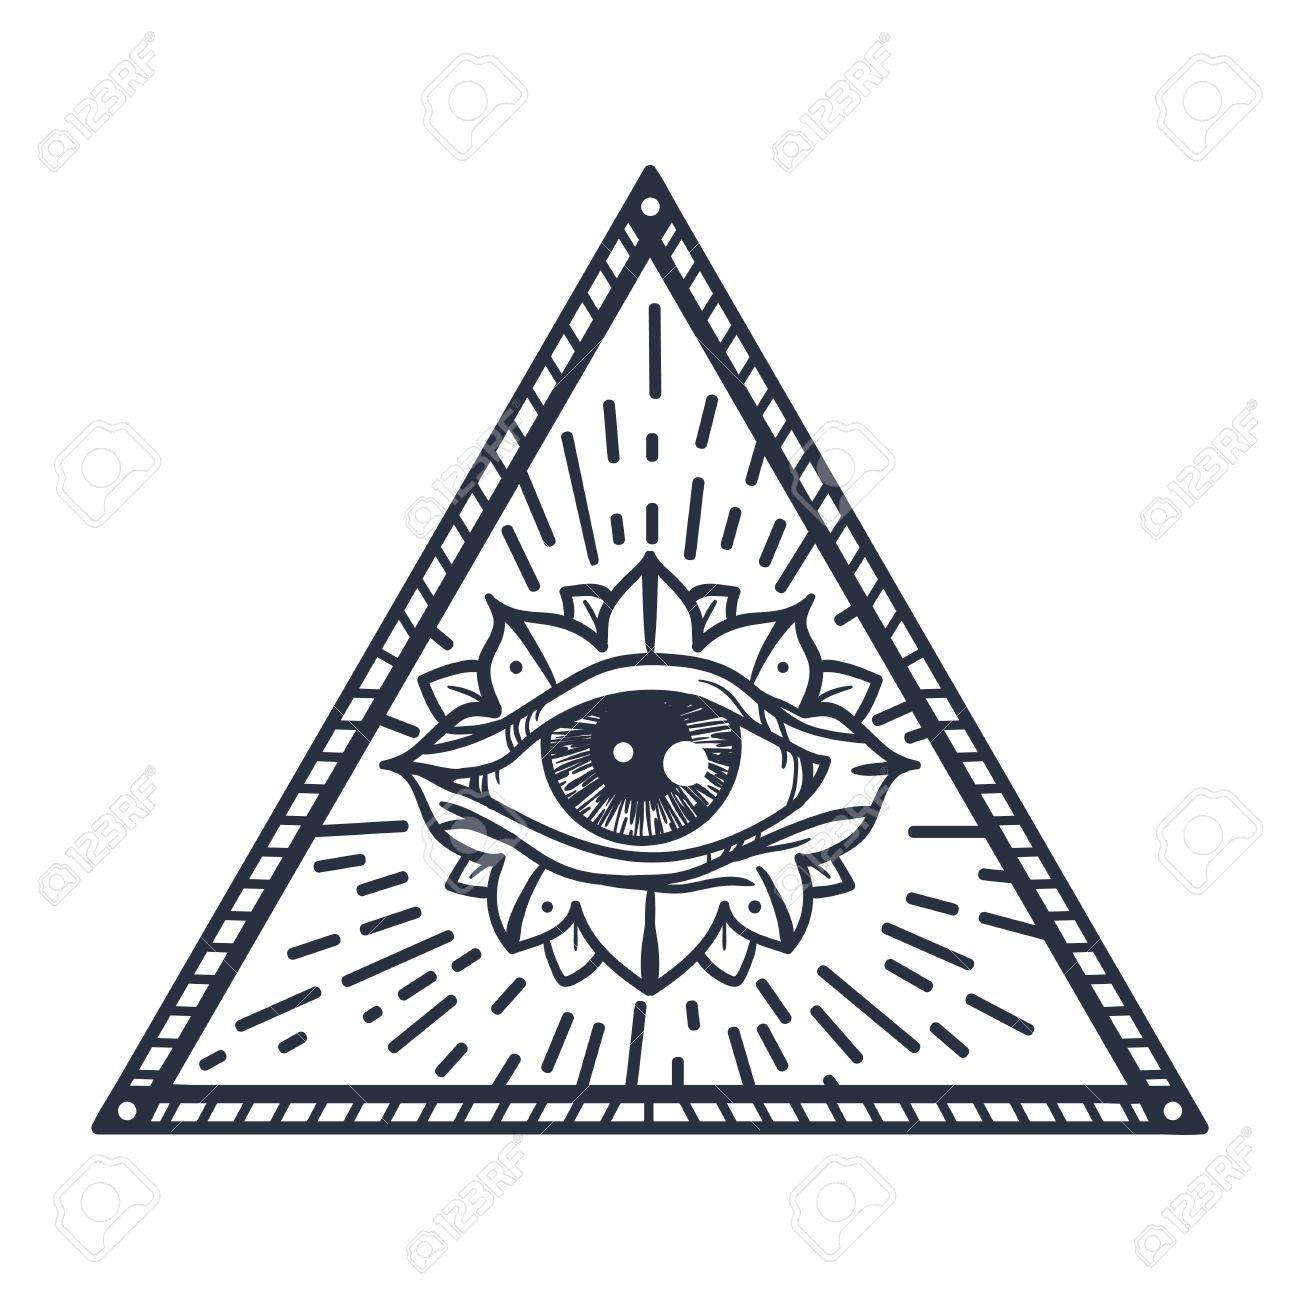 Программа всевидящее око скачать